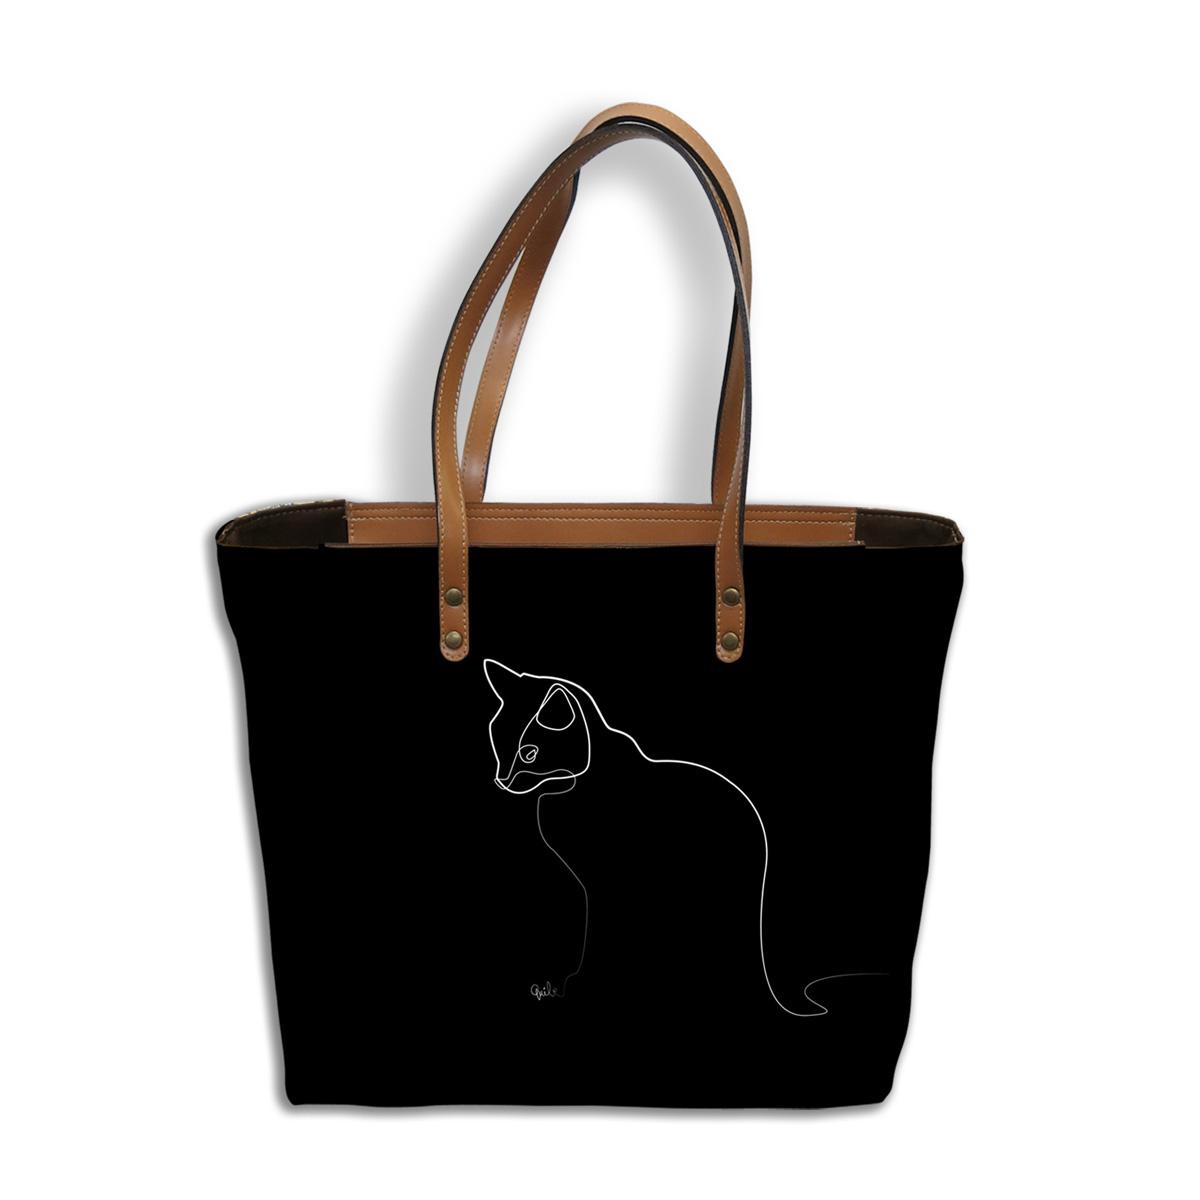 Sac créateur artisanal \'Quibe\' noir marron (Chat)  - 44x27x14 cm - [A0342]